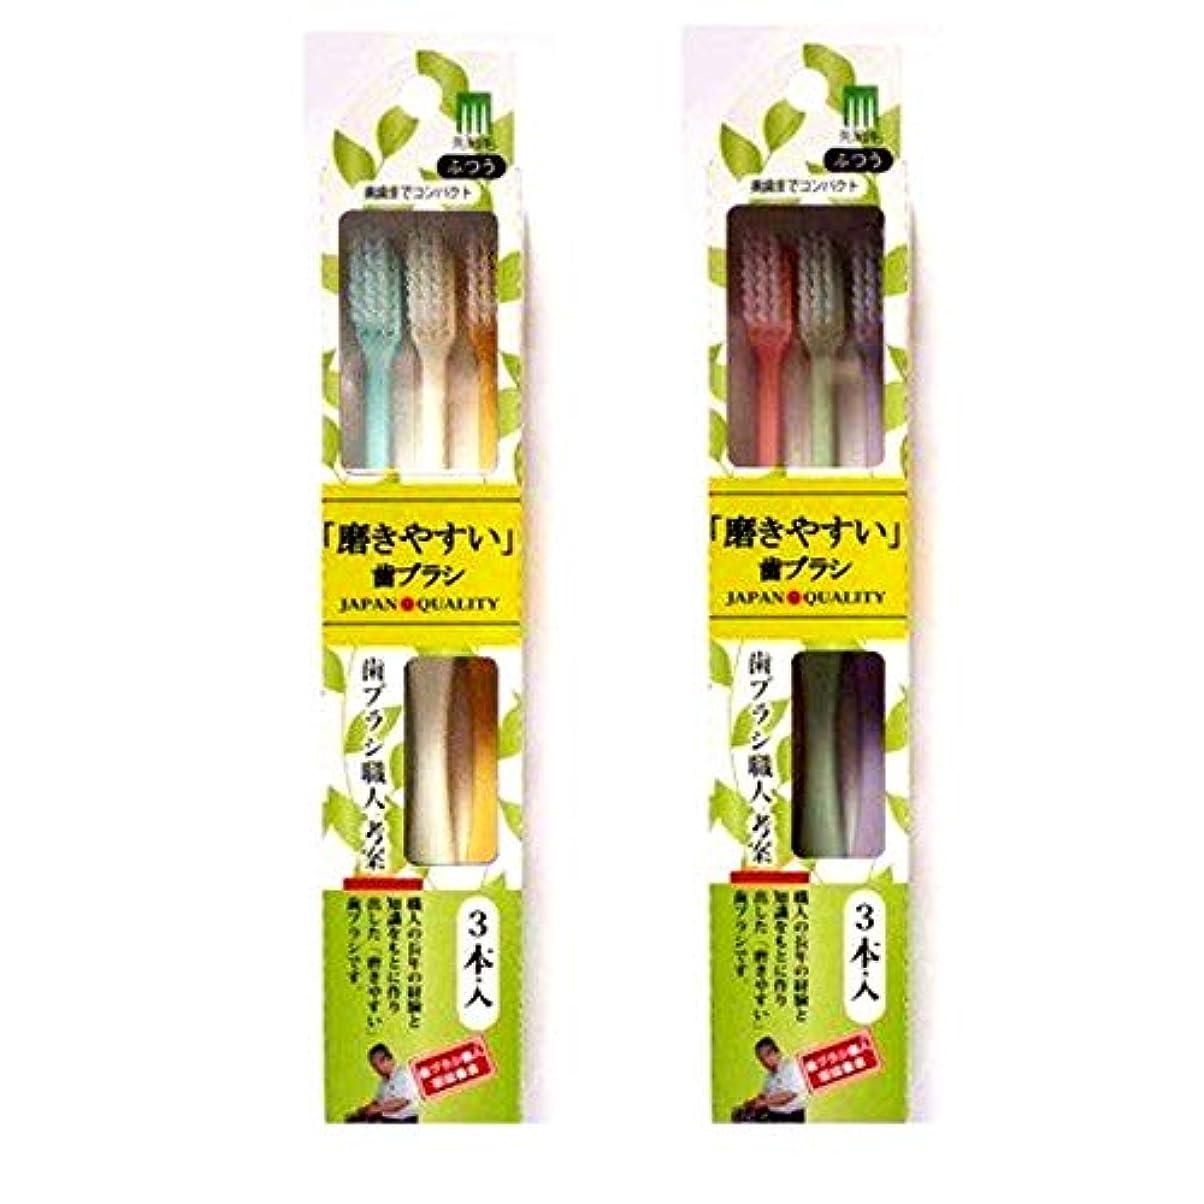 同僚市民正確な磨きやすい歯ブラシ (先細毛) 奥までコンパクト3本組 ELT-1 (色選択不可)